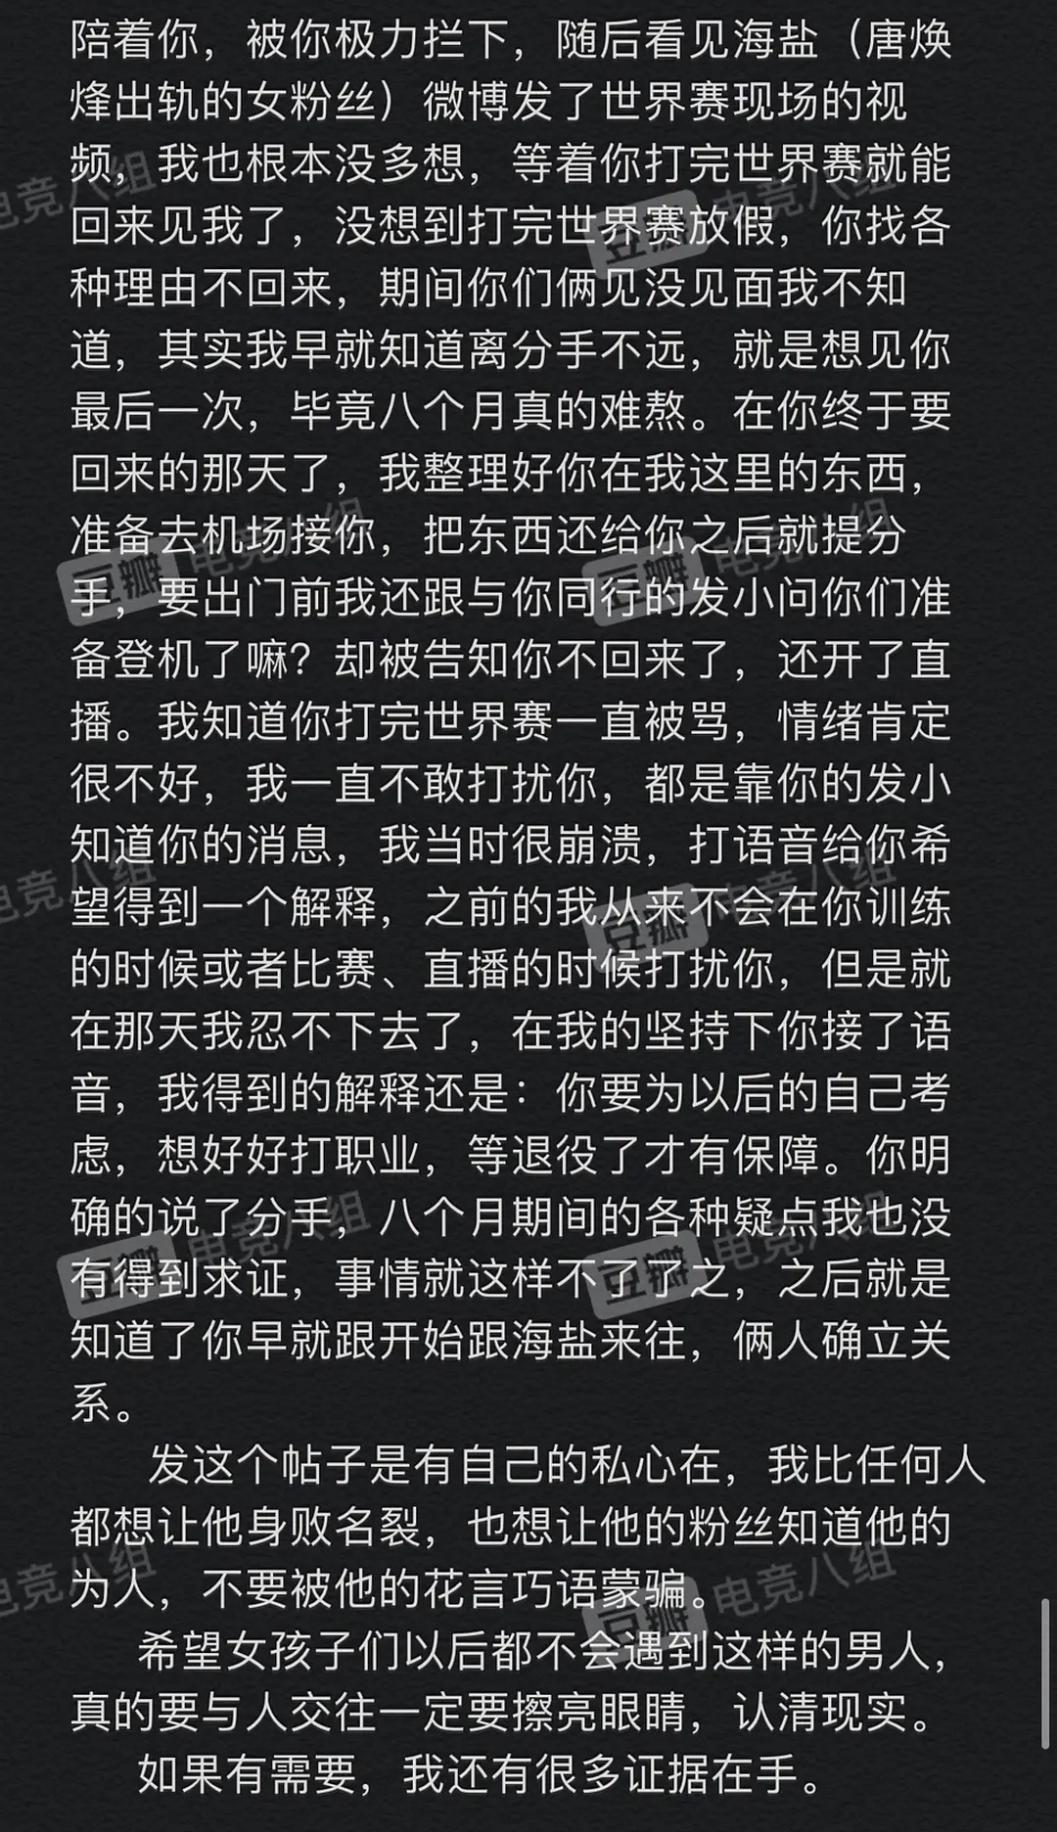 网曝苏宁AD选手huanfeng世界赛前出轨女粉,成水果园长